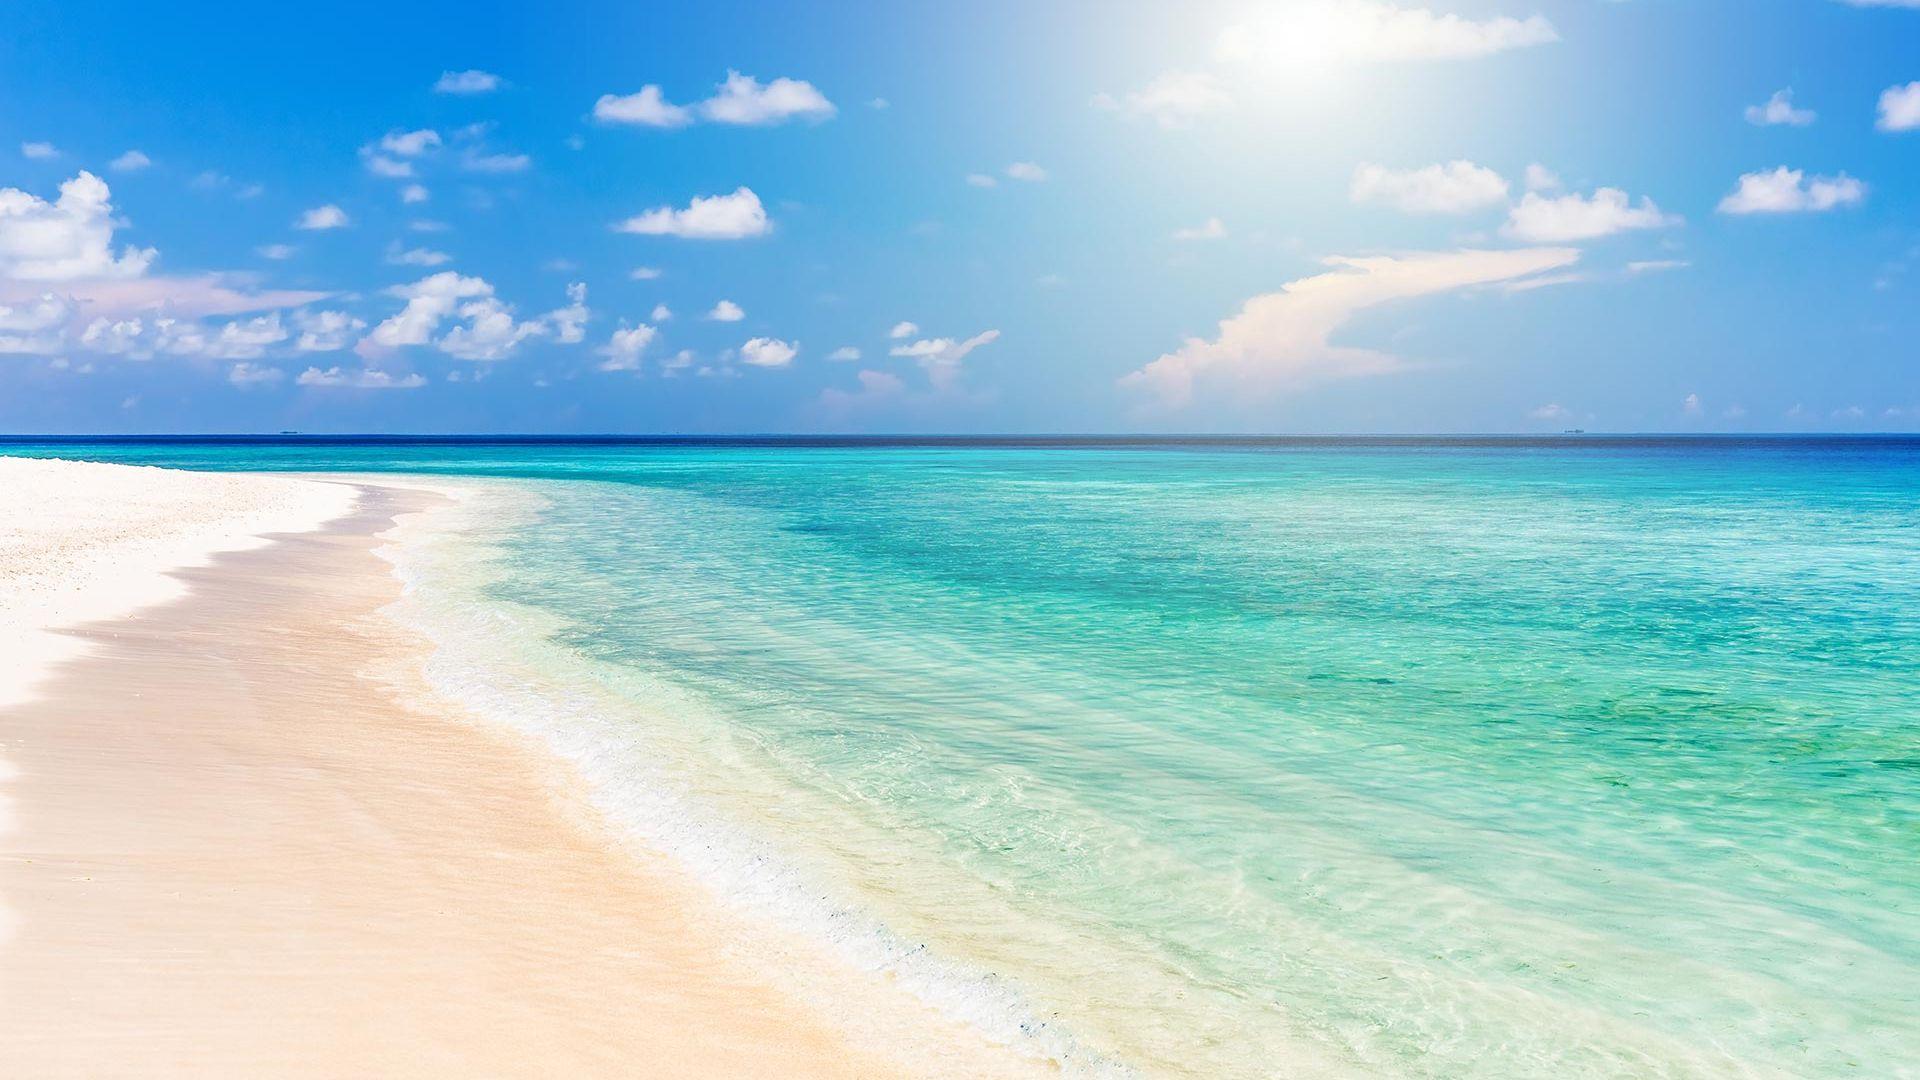 Sejur plaja Luxury All Inclusive Maldive 11 zile, cu Razvan Pascu - ianuarie 2022